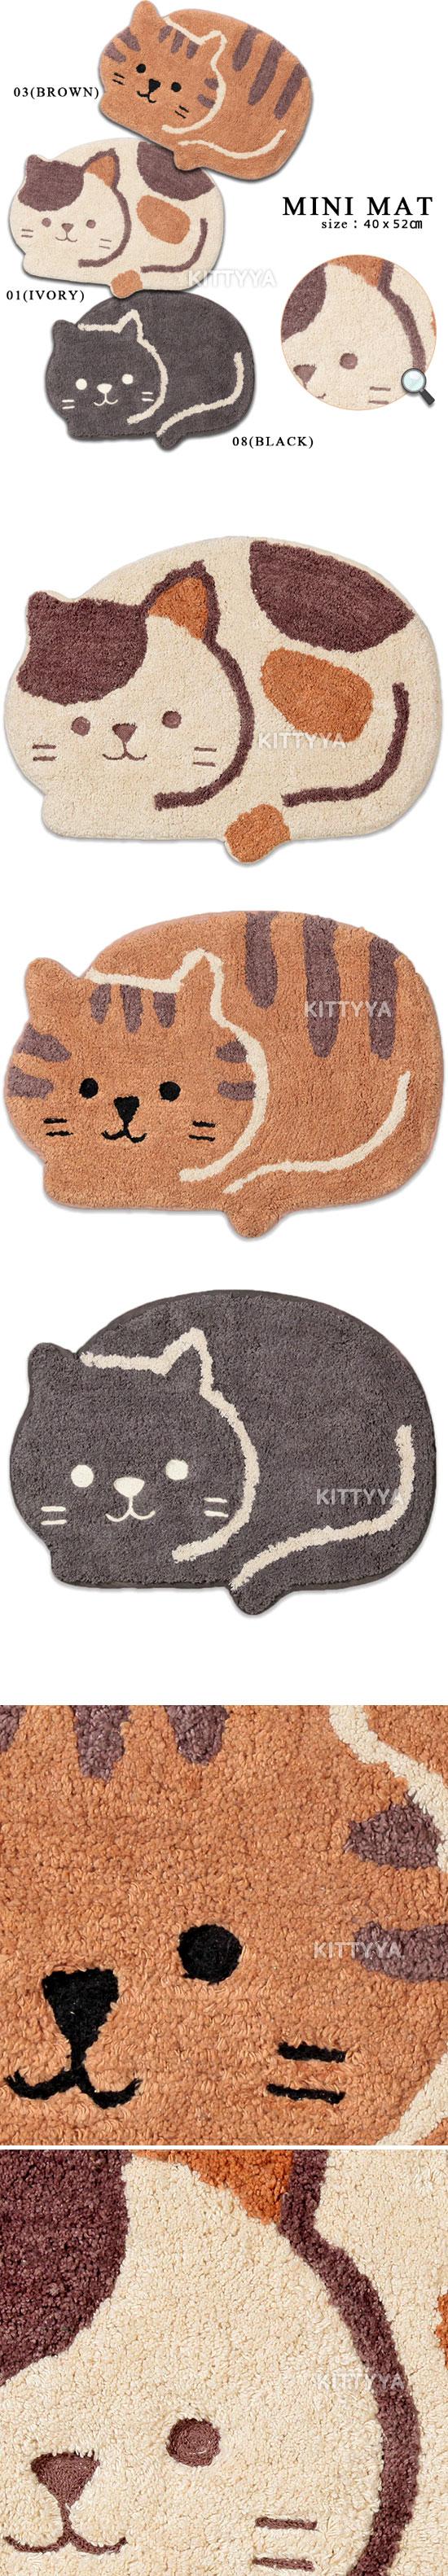 이케무라 샤트 미니 발매트 (3color) - 키티야, 25,000원, 디자인 발매트, 디자인